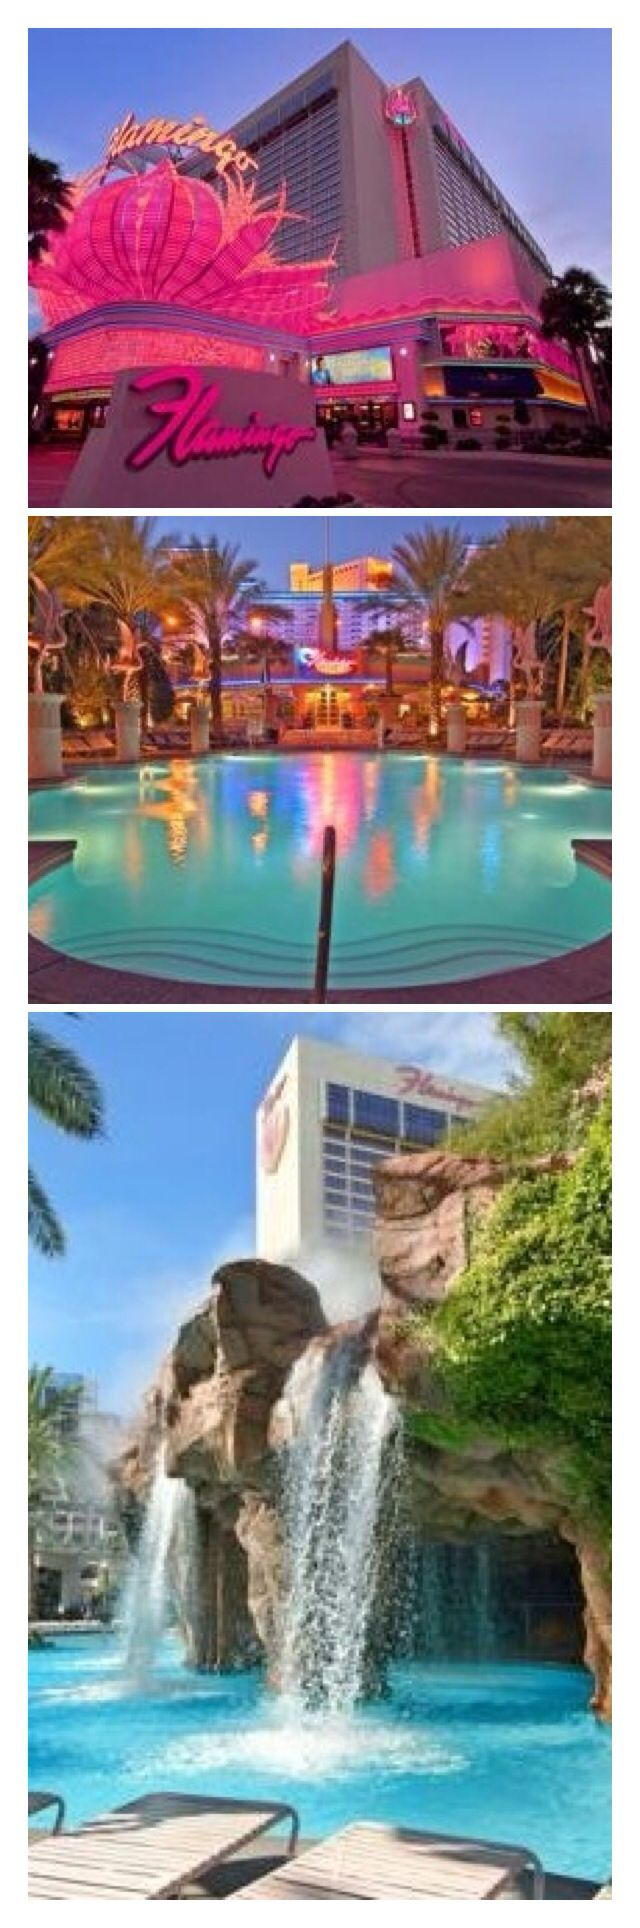 Las Vegas Nevada Vacations: Pin On Travel // Las Vegas